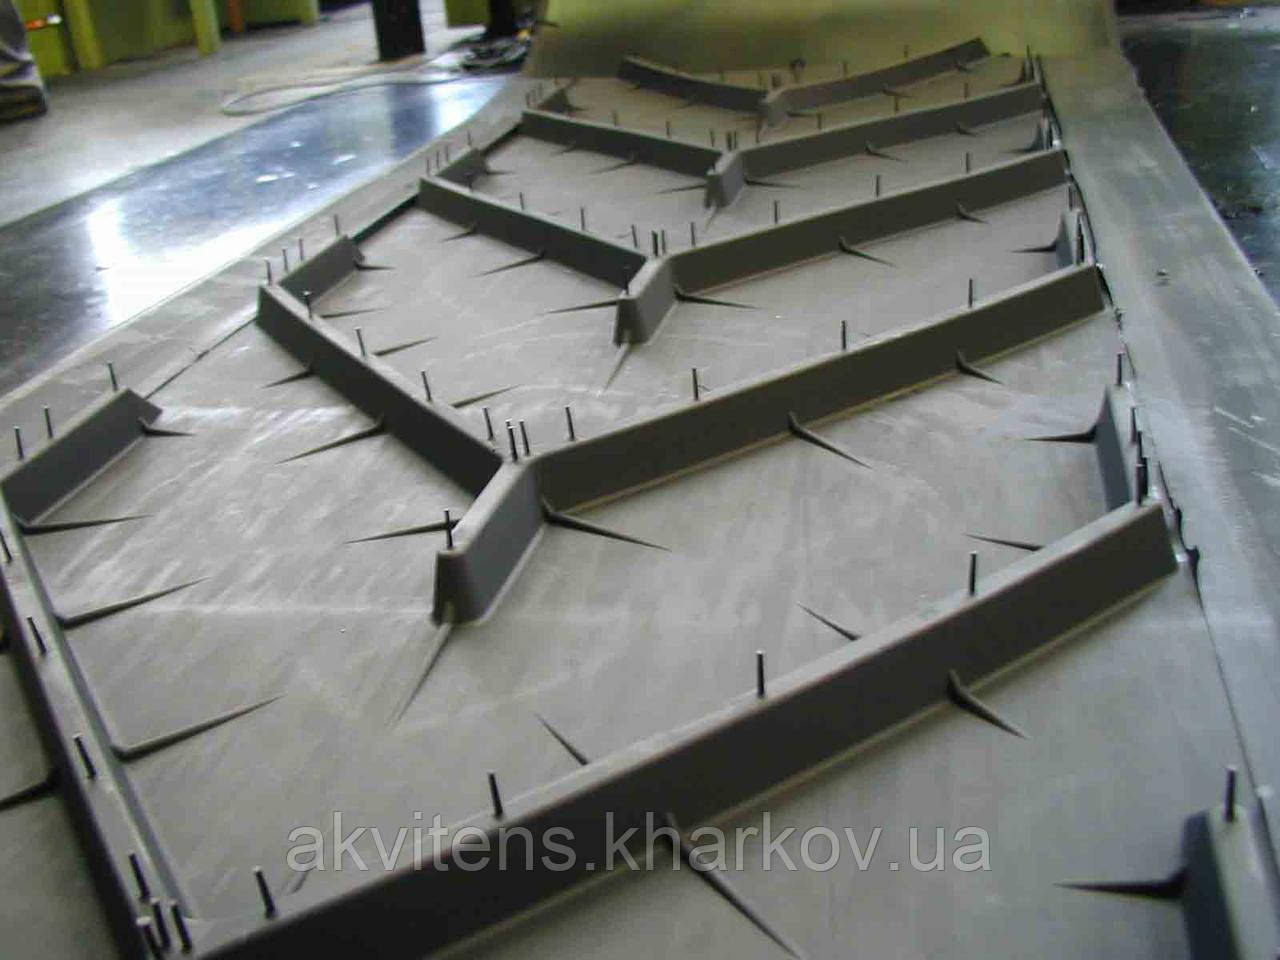 Конвейерные шевронные ленты (CHEVRON, для крутонаклонных конвейеров)